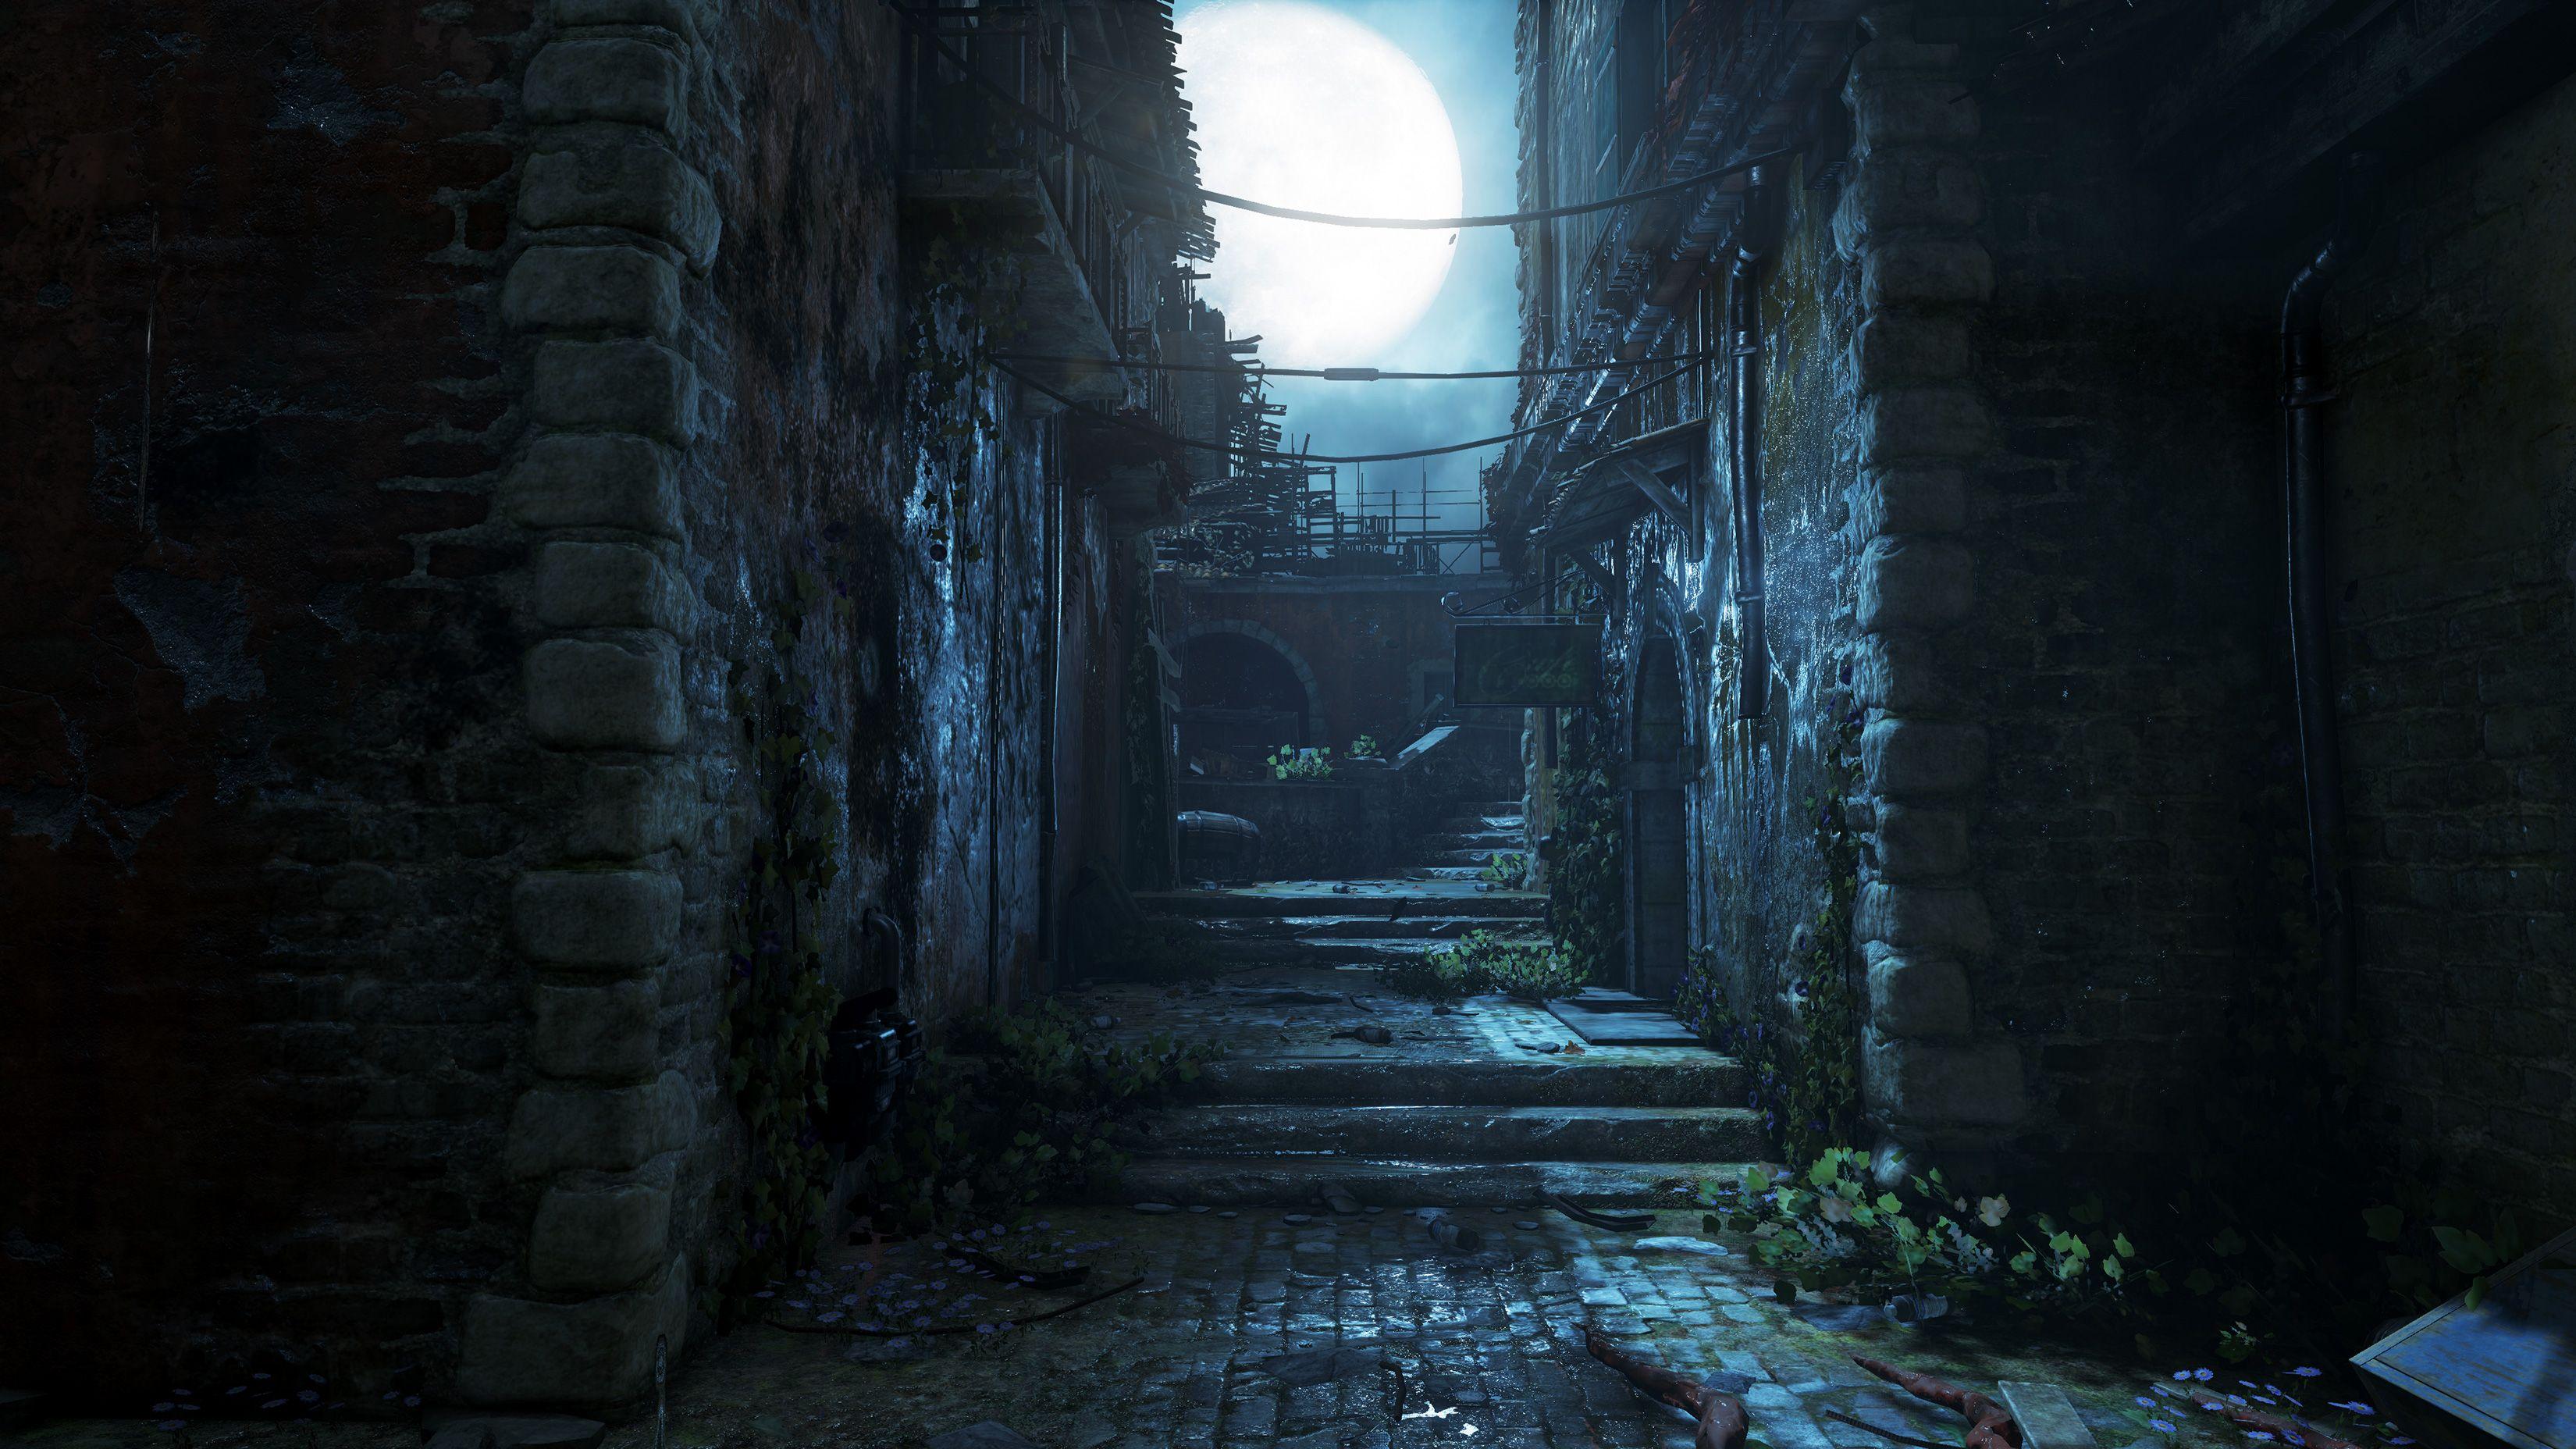 Gears of war 4 environment hd games 4k wallpapers - Wallpaper gears of war 4 ...